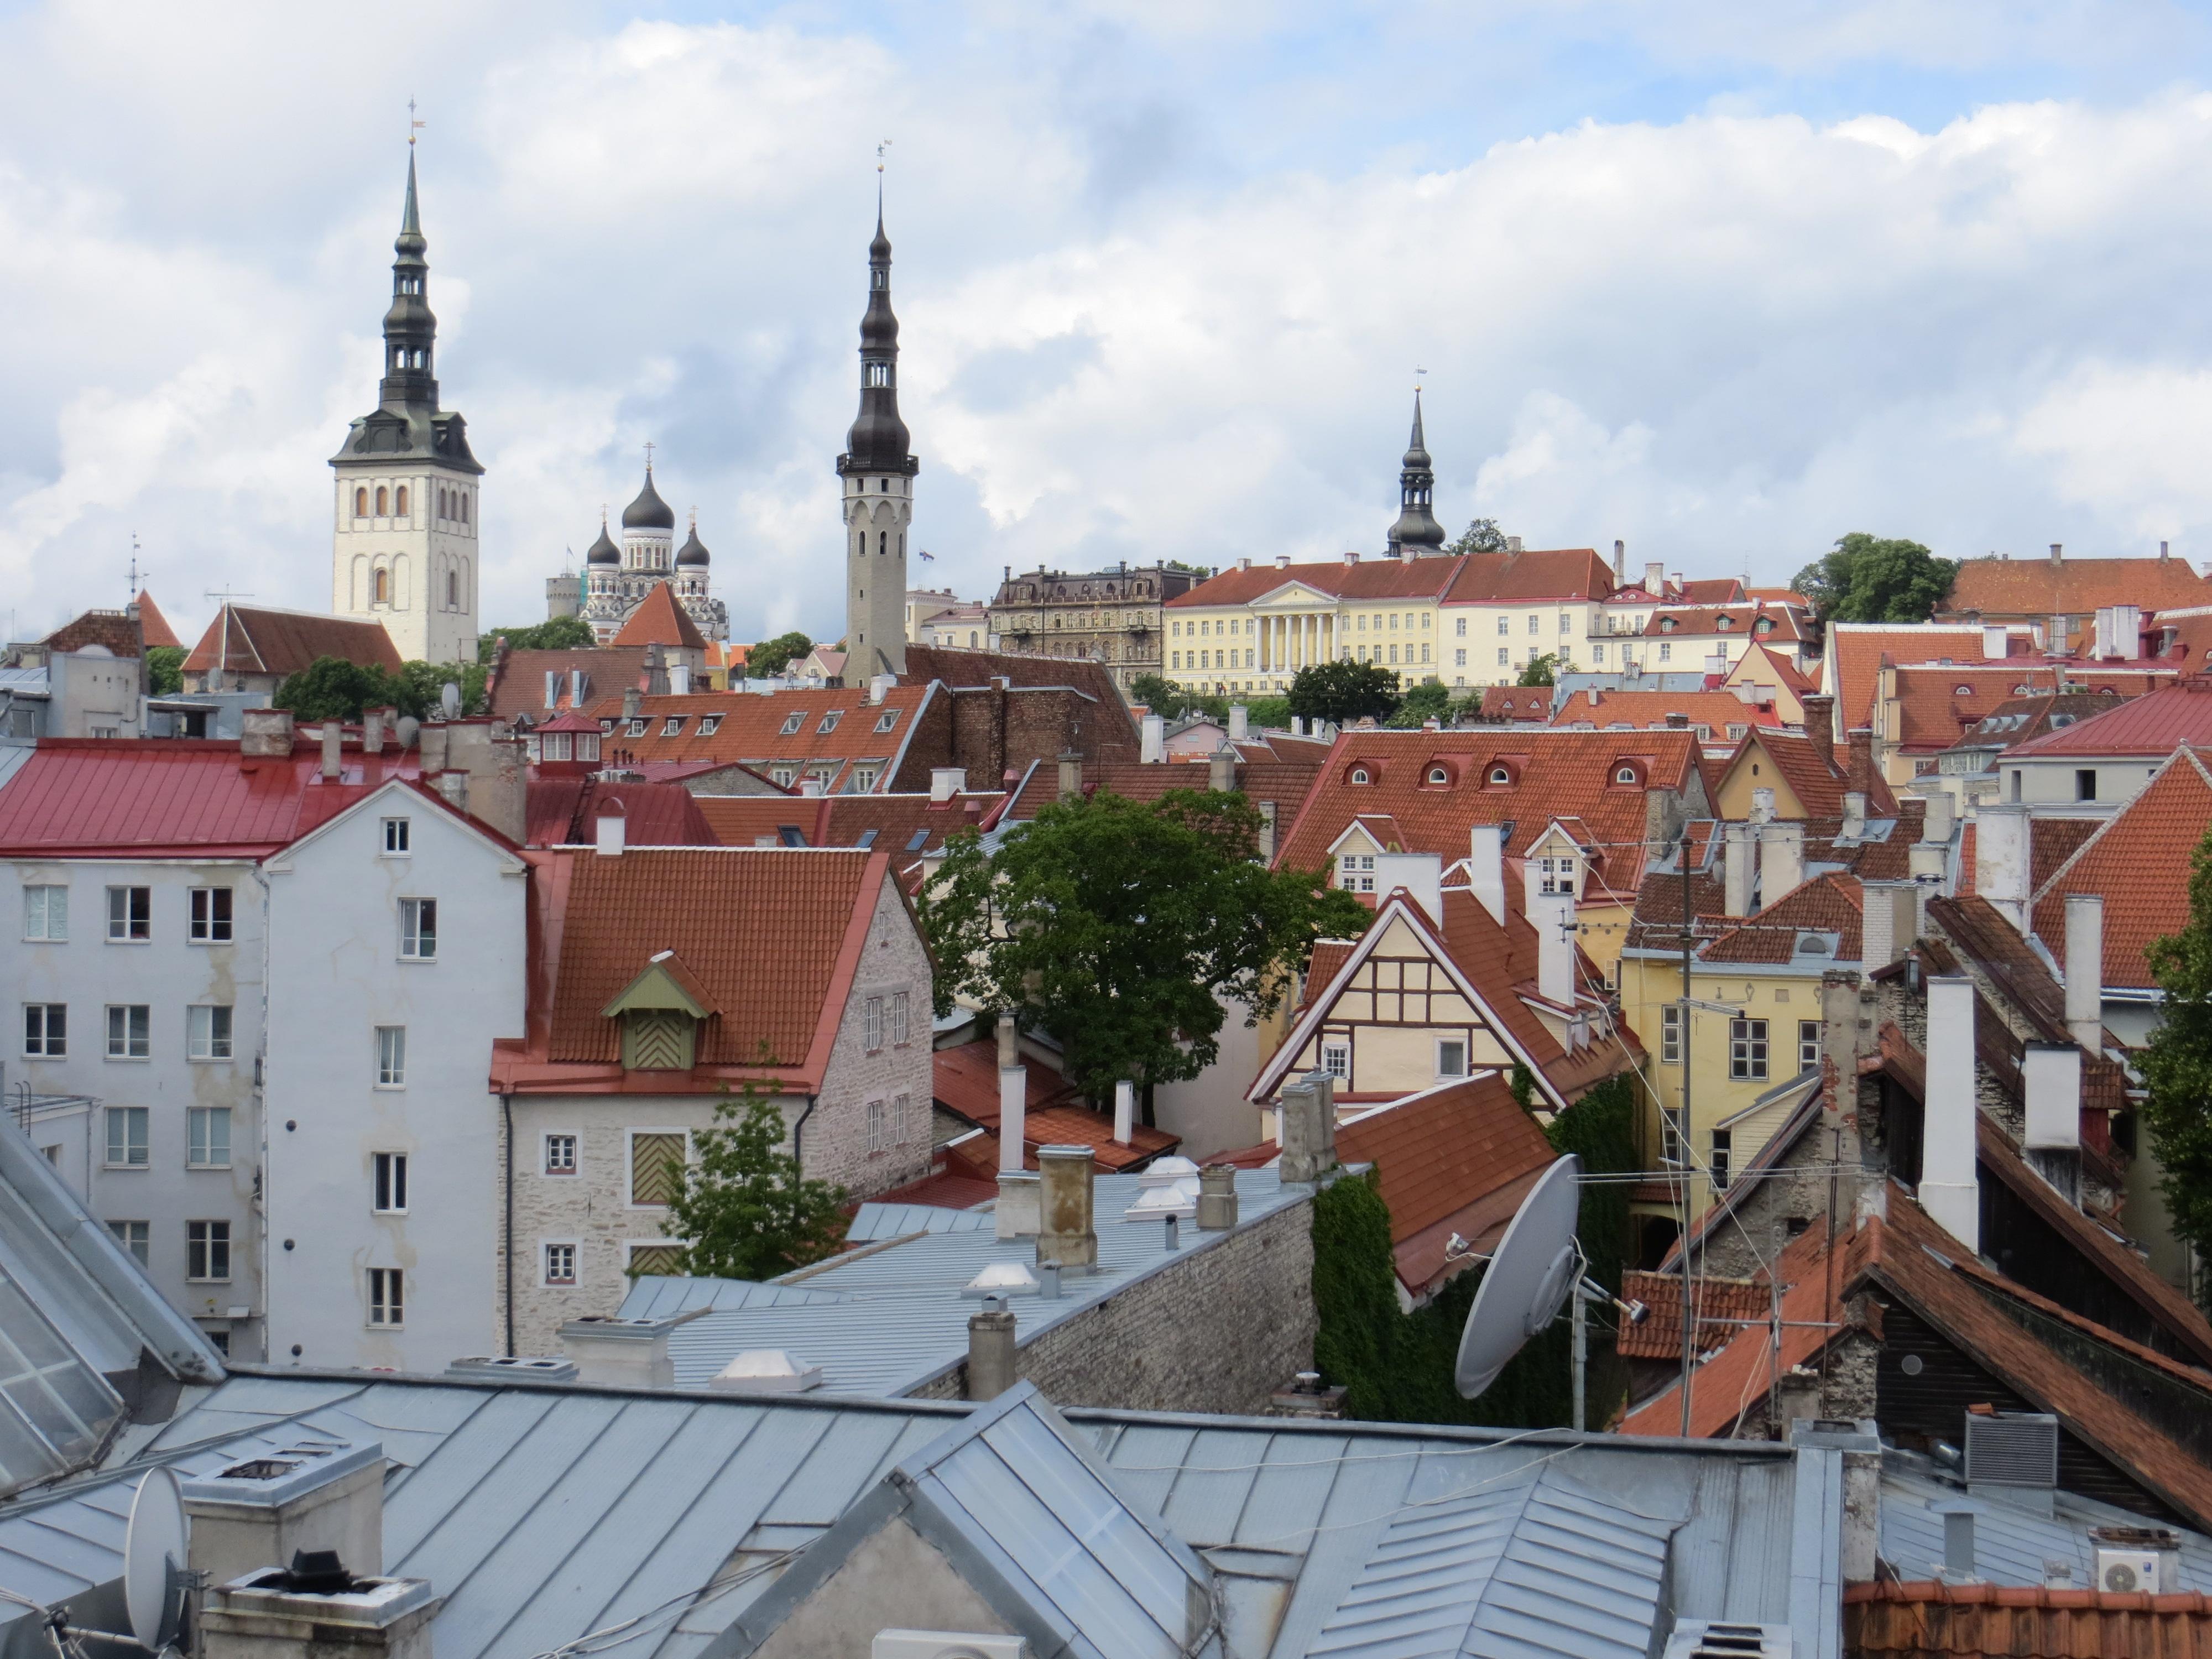 Tallinn 7.10 wall climb Estonia